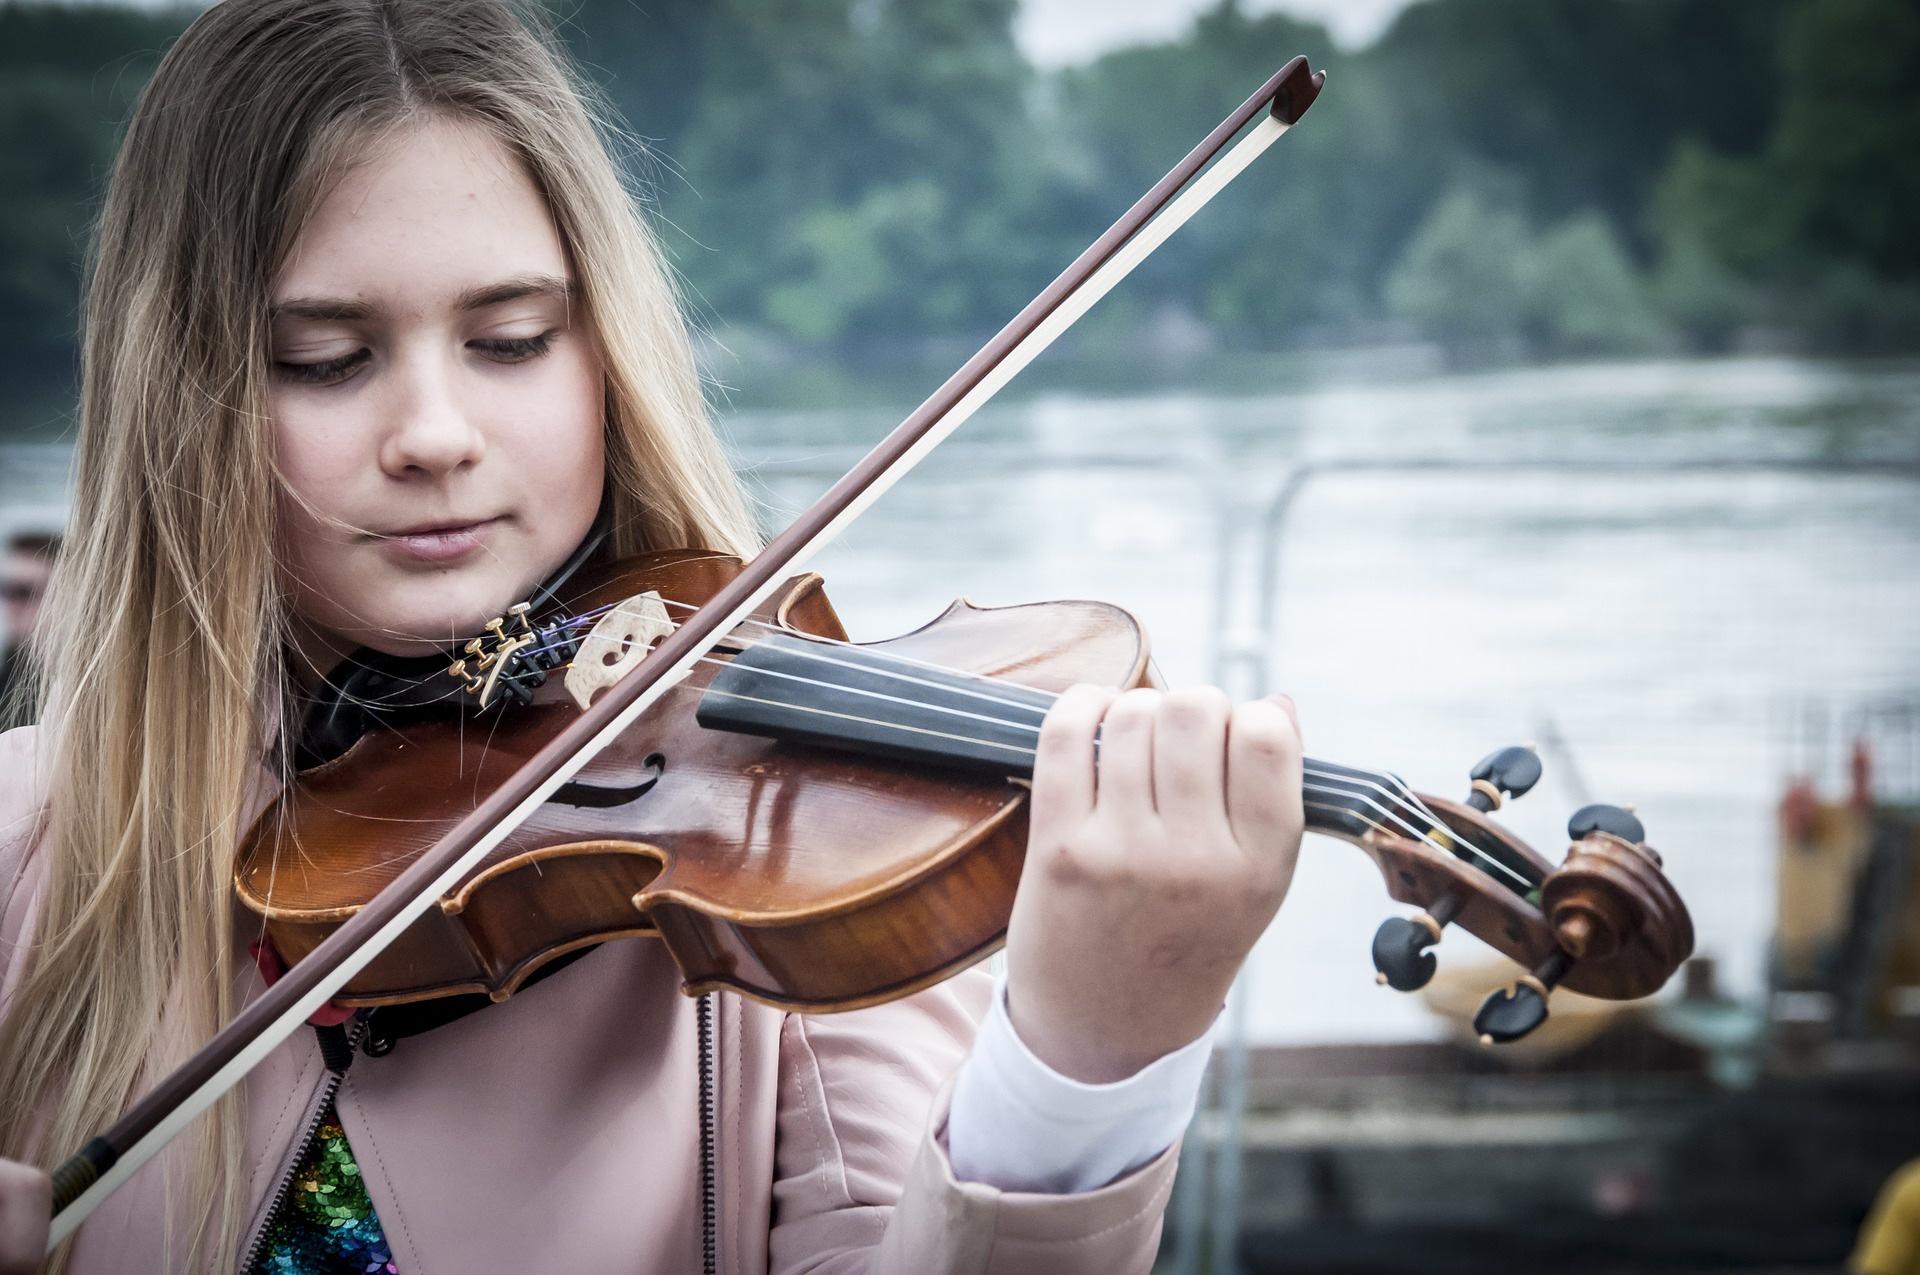 music-2323517_1920_davorkrajinovic